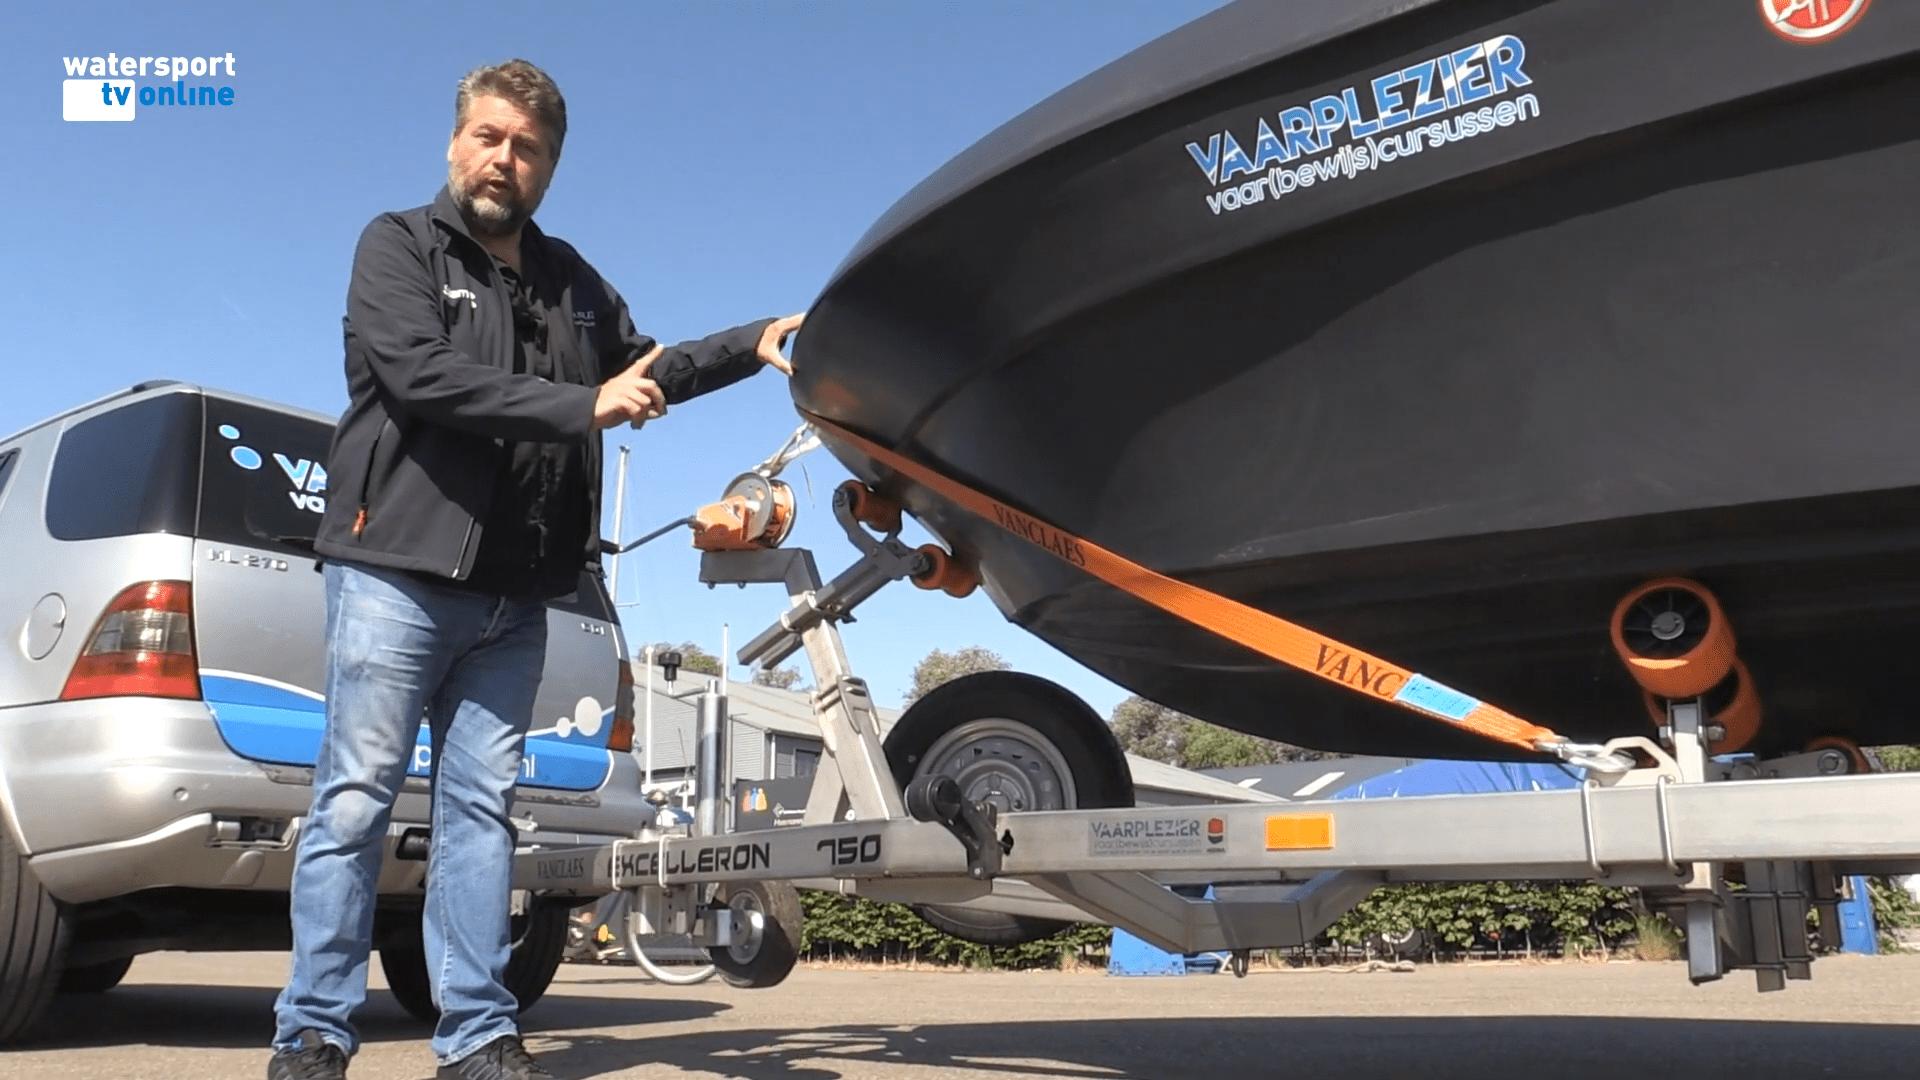 boottrailer trailerhelling boottrailerrijden rijden met boottrailer, Boottrailer rijden en hellen, Vaarplezier